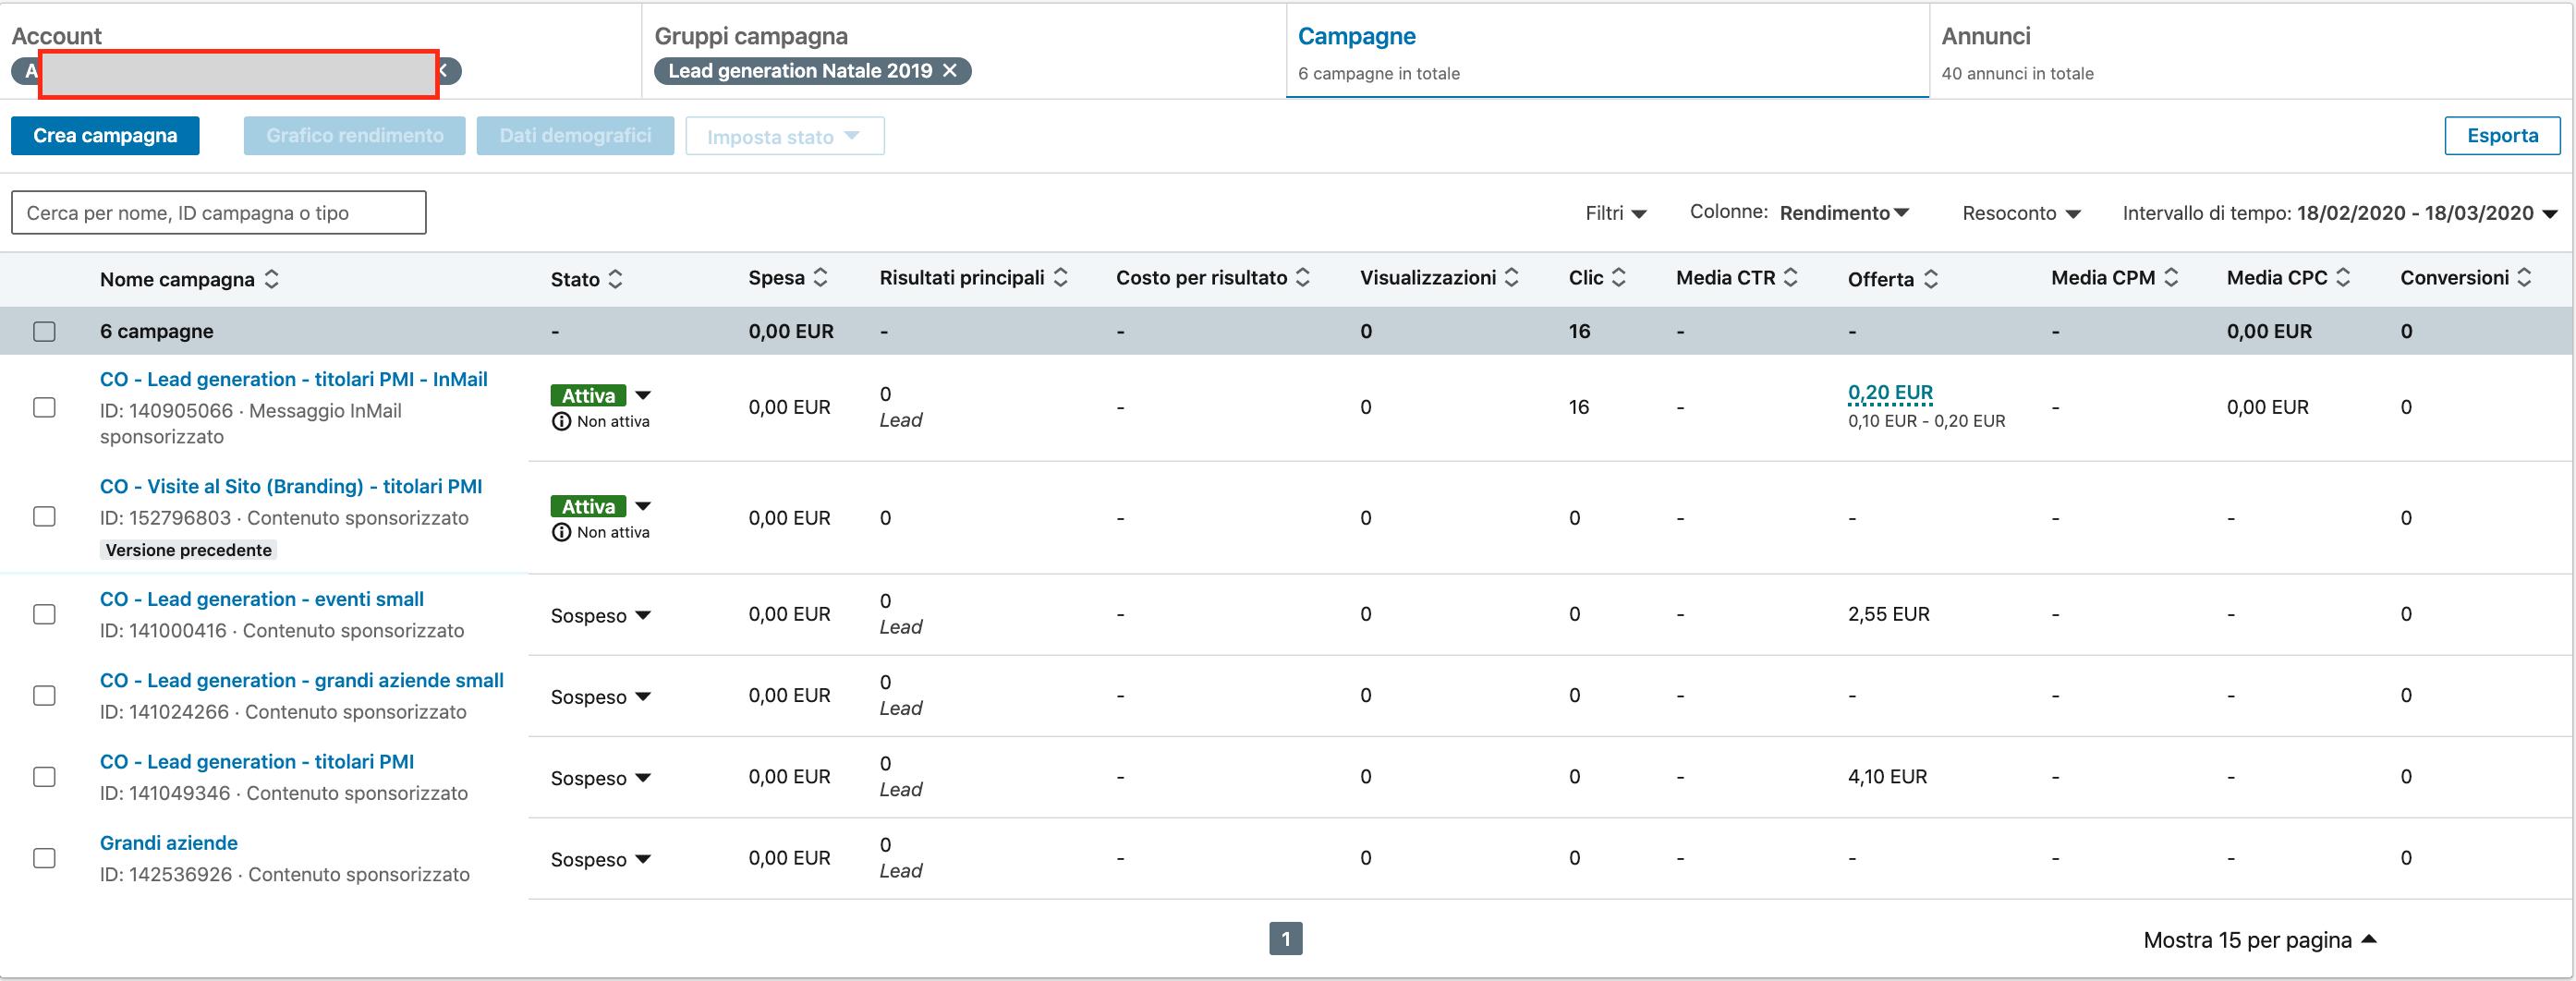 LinkedIn Avdertising - Dashboard